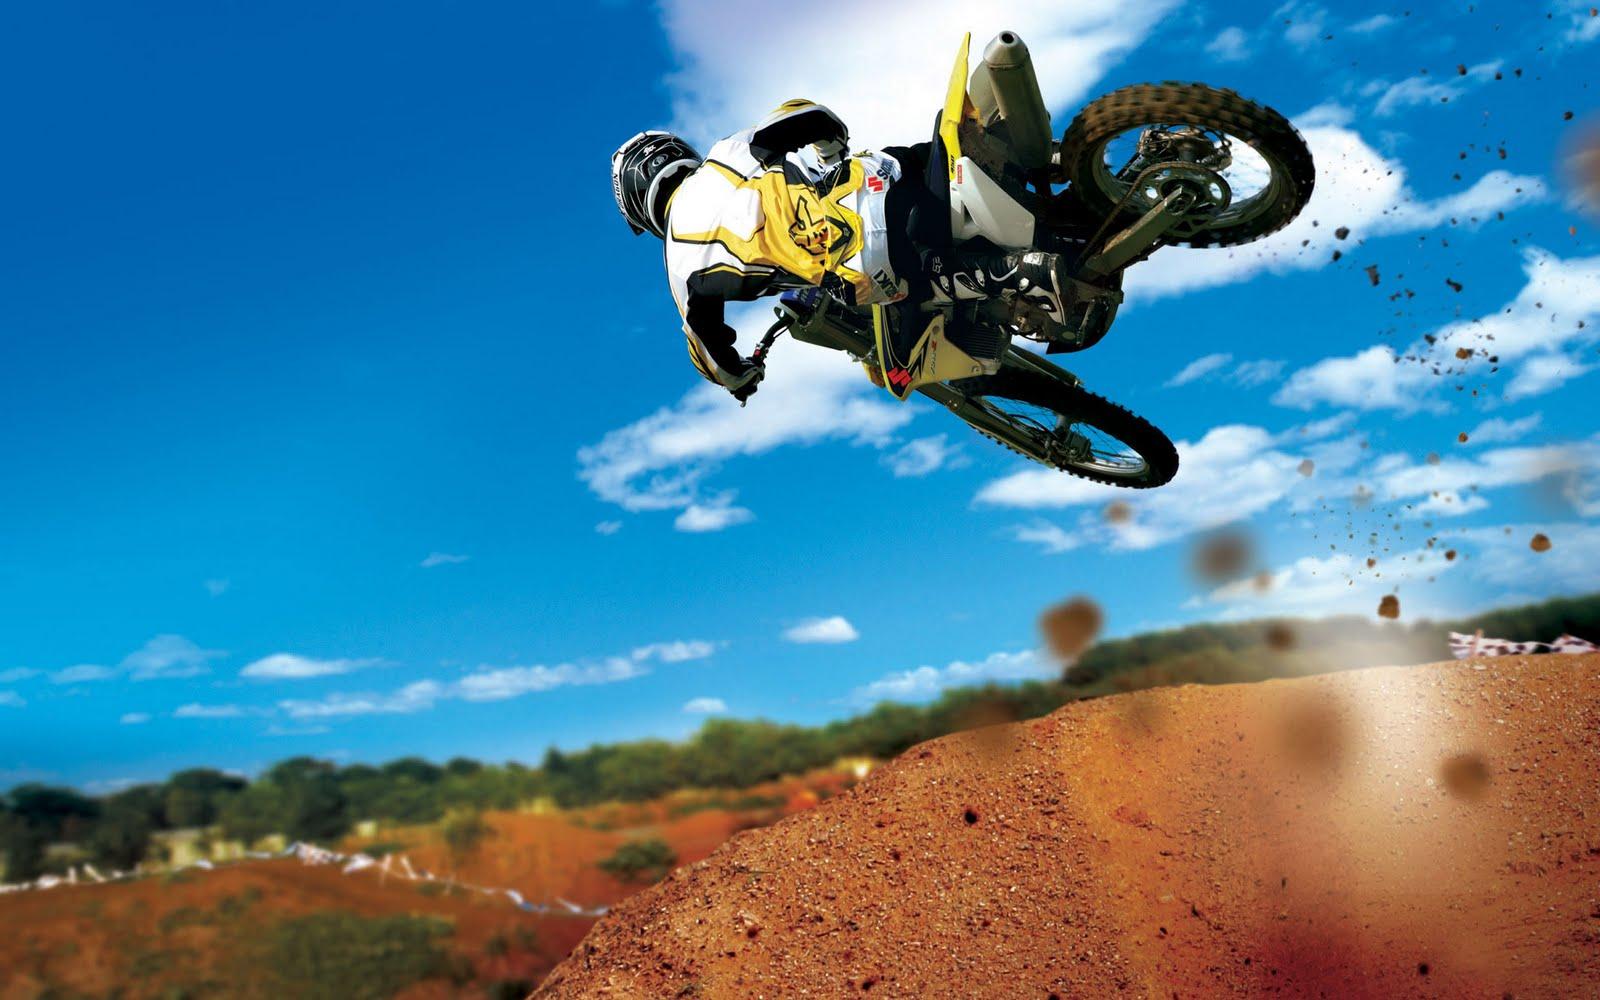 http://1.bp.blogspot.com/-zxMCvhxl2qU/TlNyauGSZgI/AAAAAAAACFM/Aa5ZLyU-pRU/s1600/motocross-hd-wallpapers1.jpg